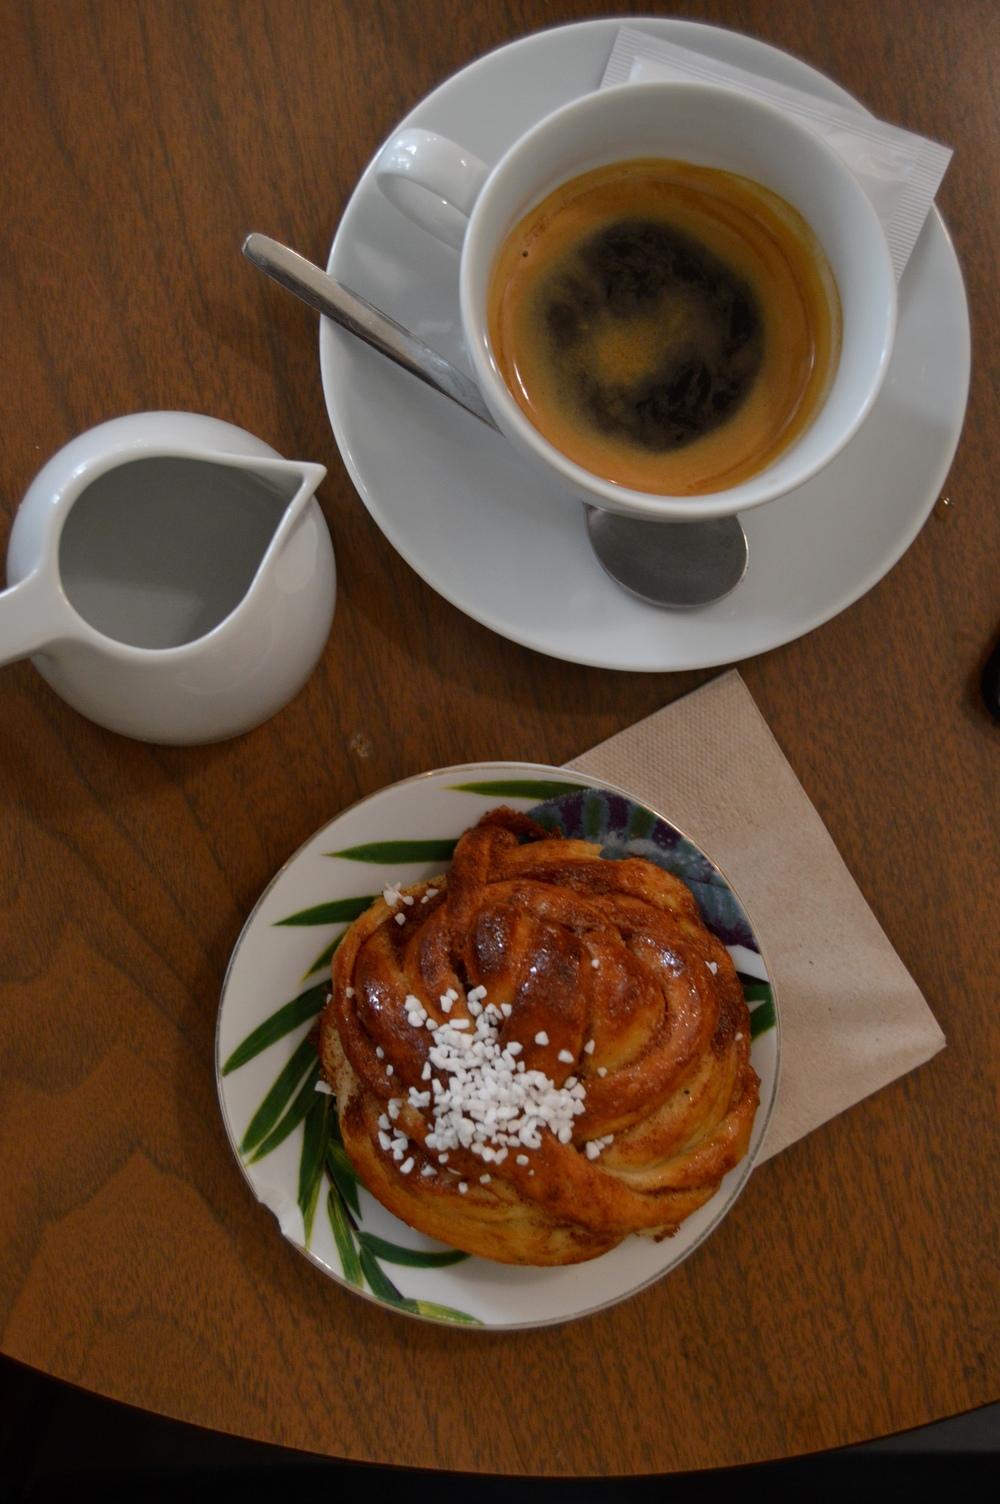 Swedish Cinnamon Bun and Americano at Manso´s Café